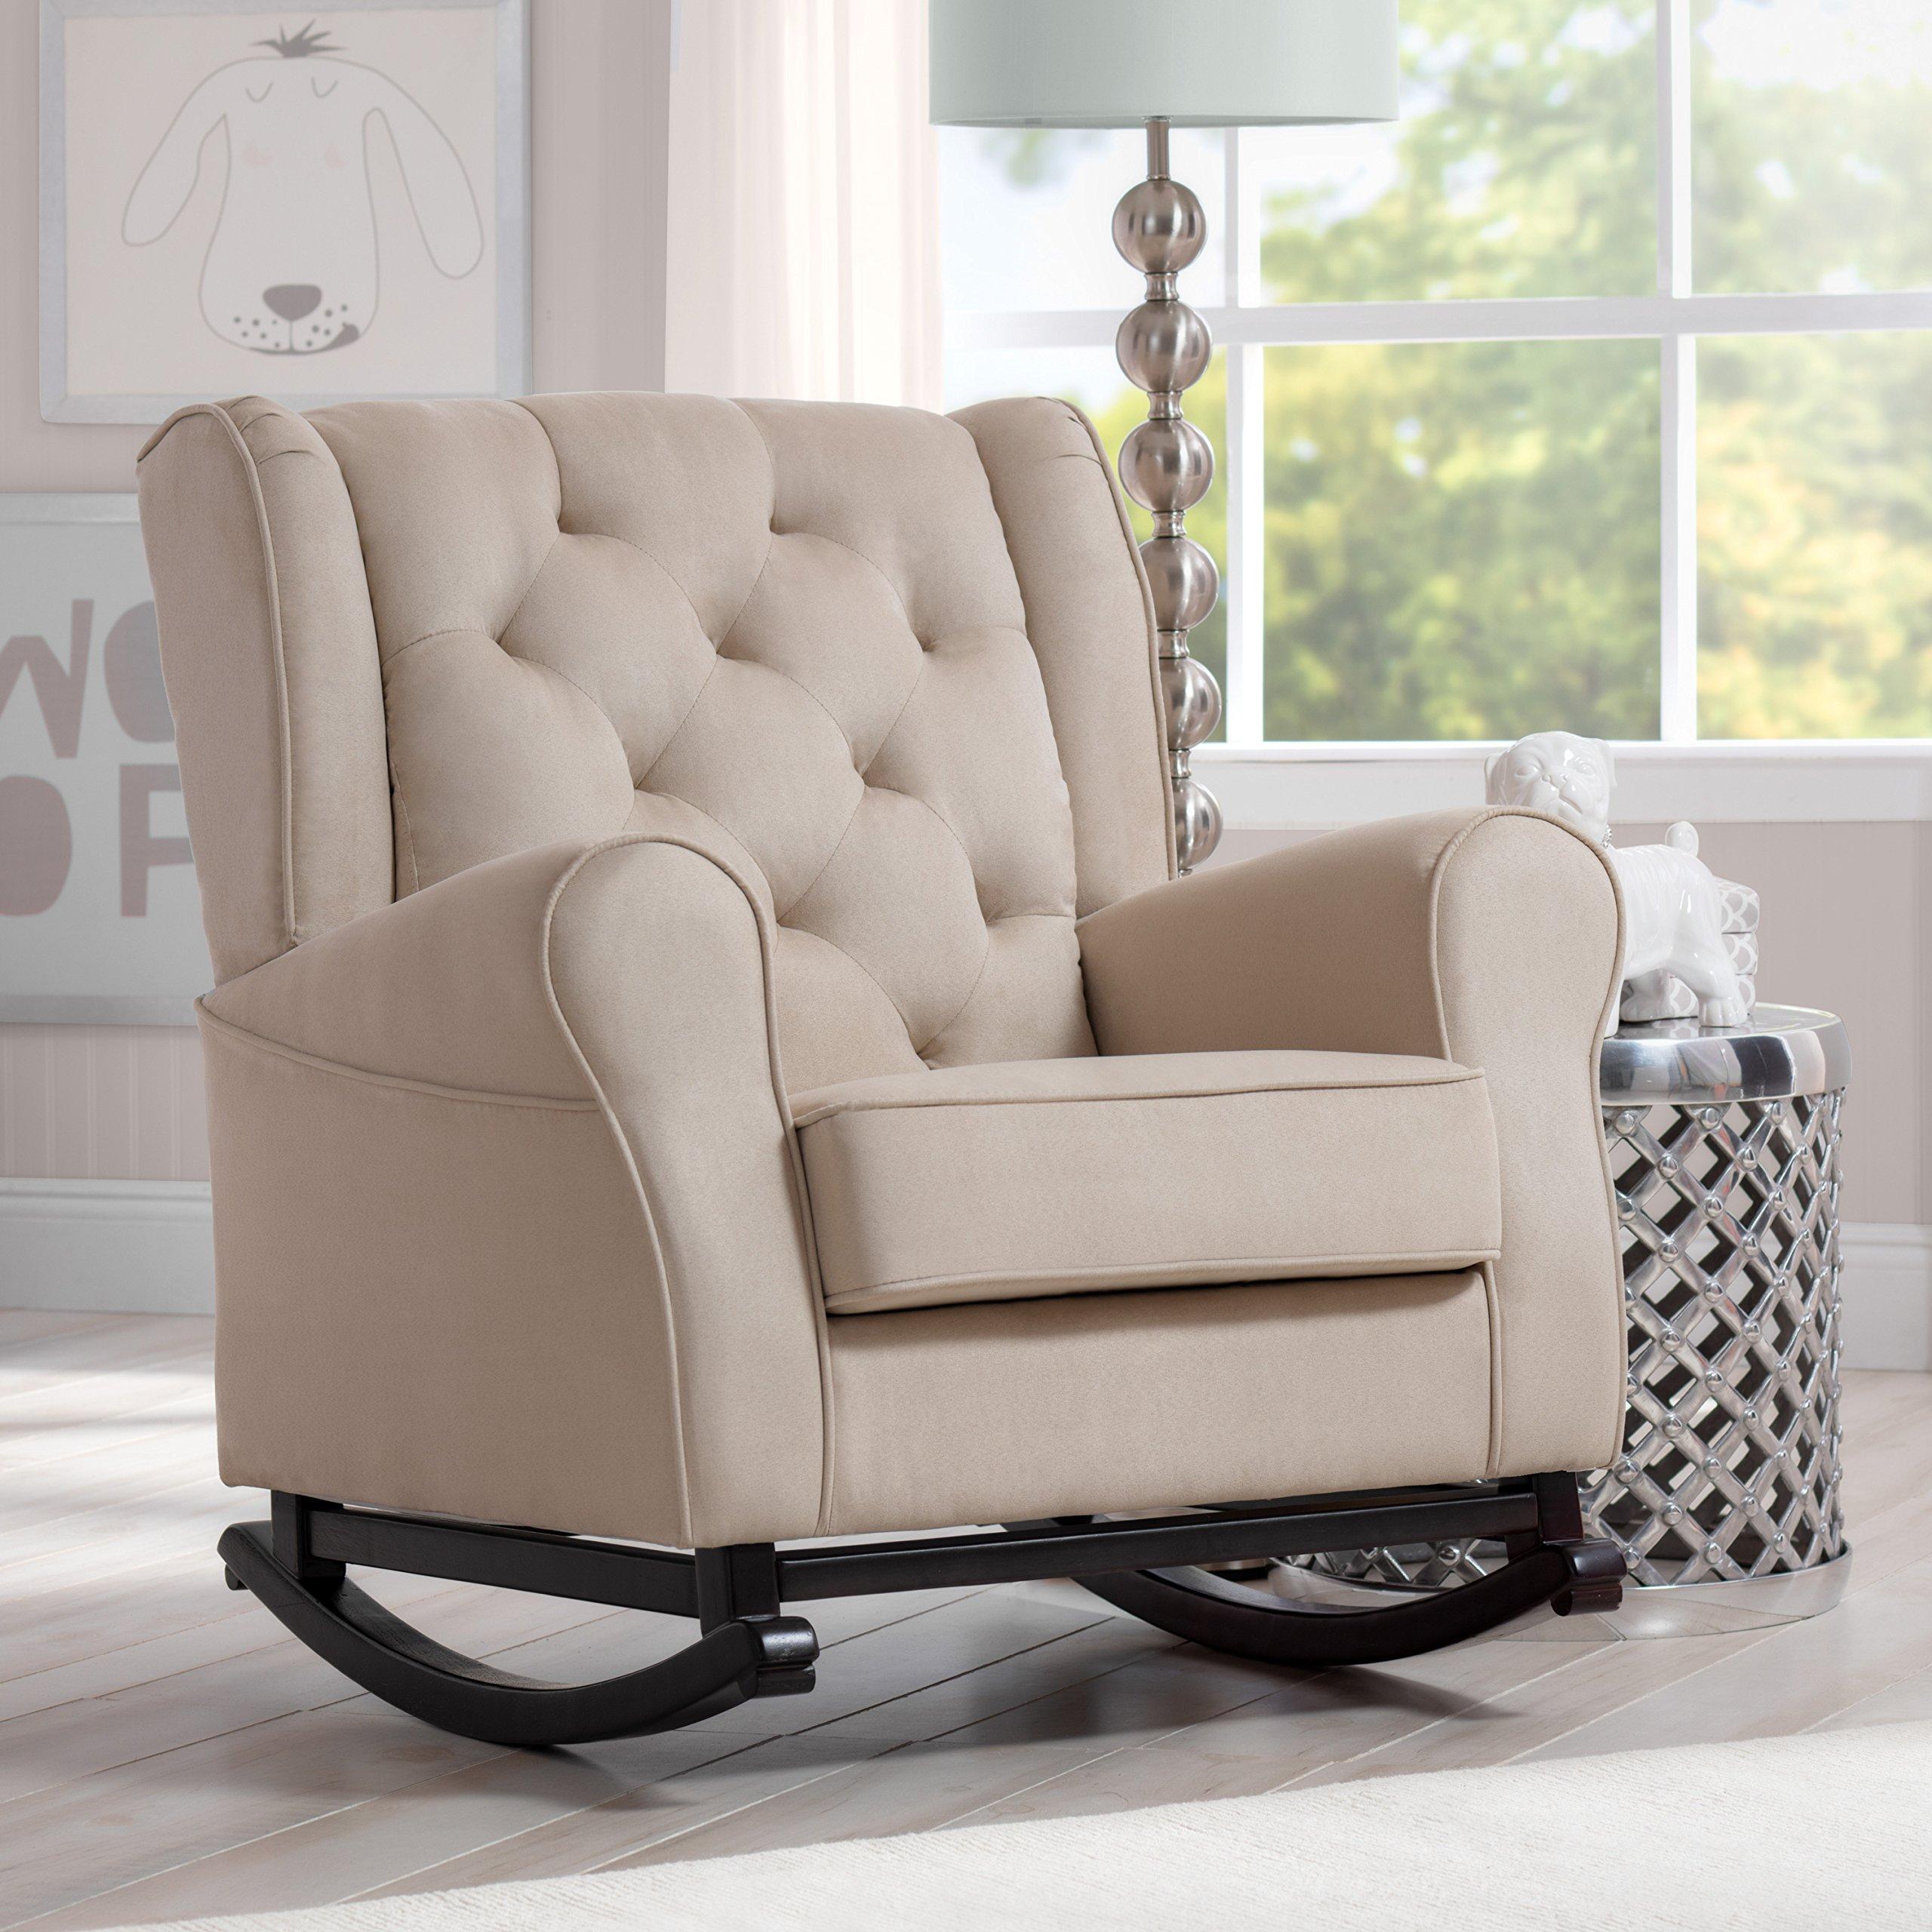 Delta Furniture Emma Upholstered Rocking Chair, Ecru by Delta Furniture (Image #2)